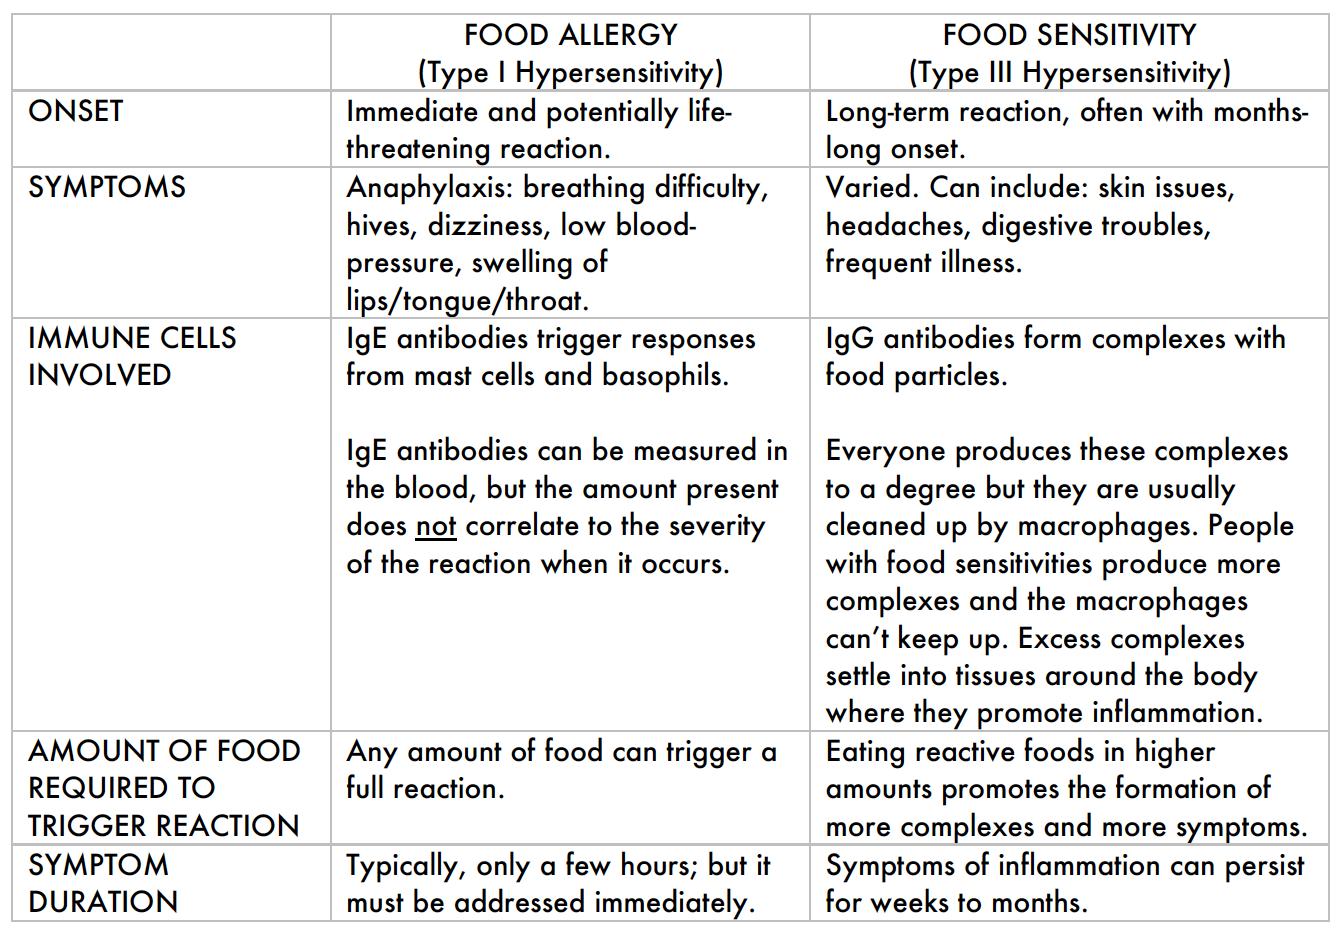 Allergy vs Sensitivity